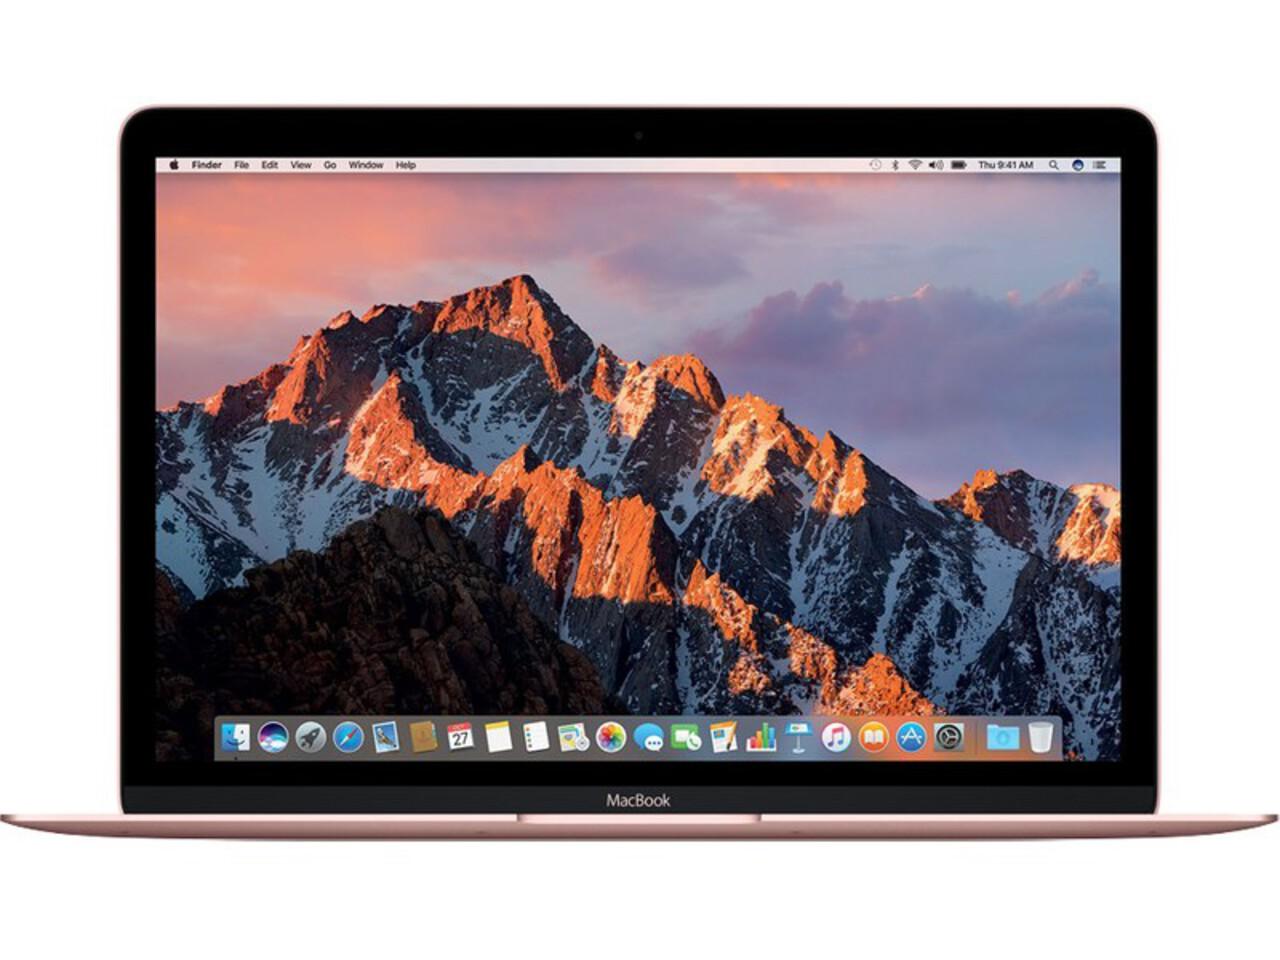 macbook 12 inch 2016 rose gold